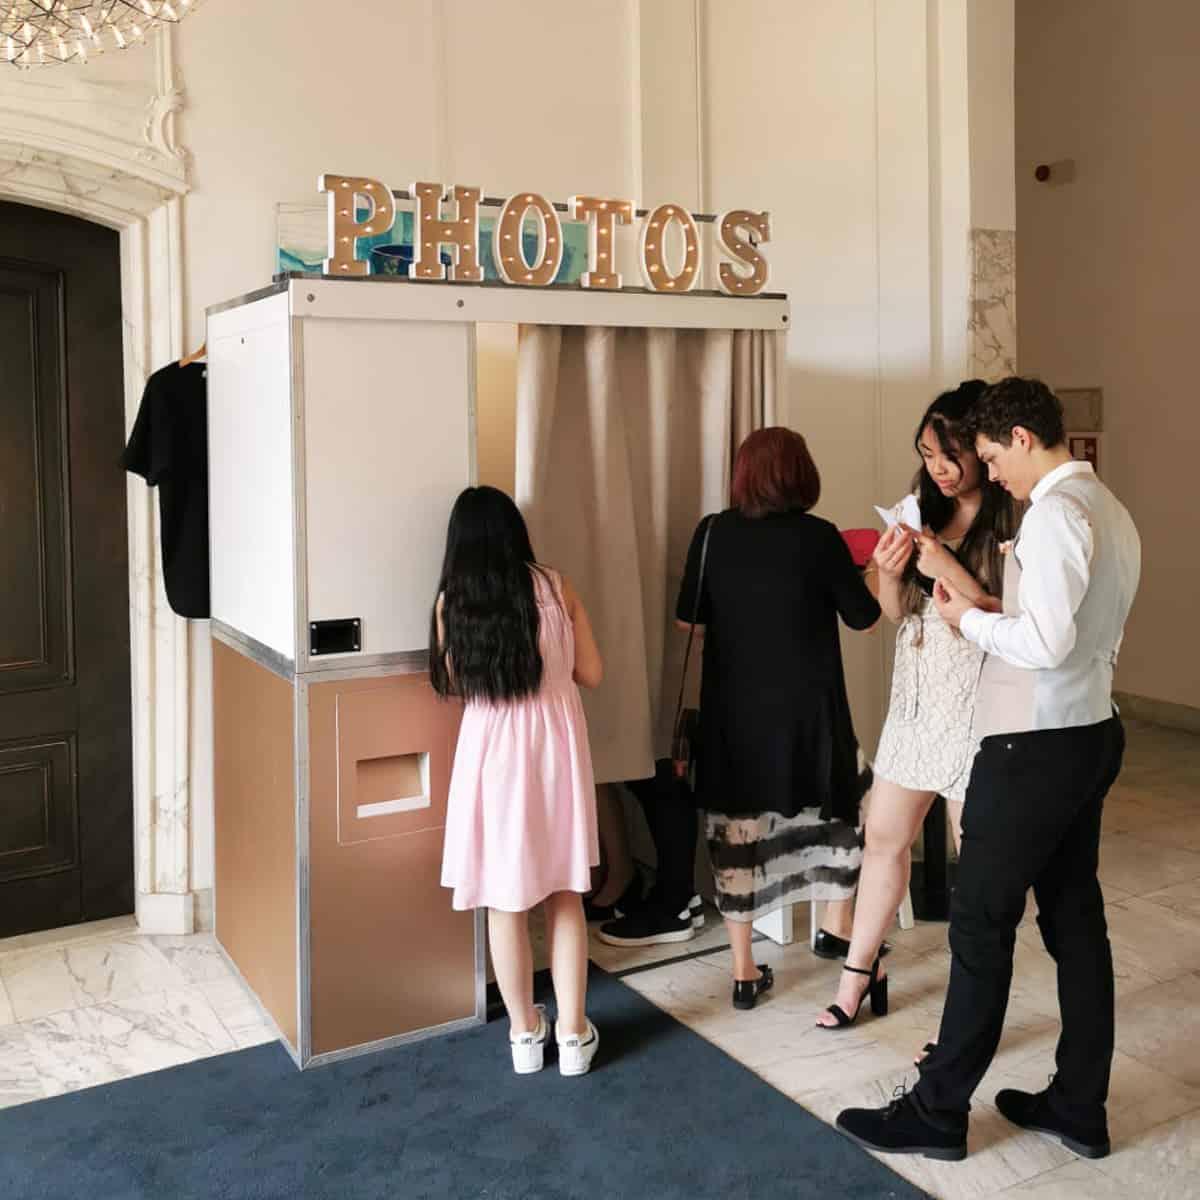 photobooth inzet tijdens een bruiloft